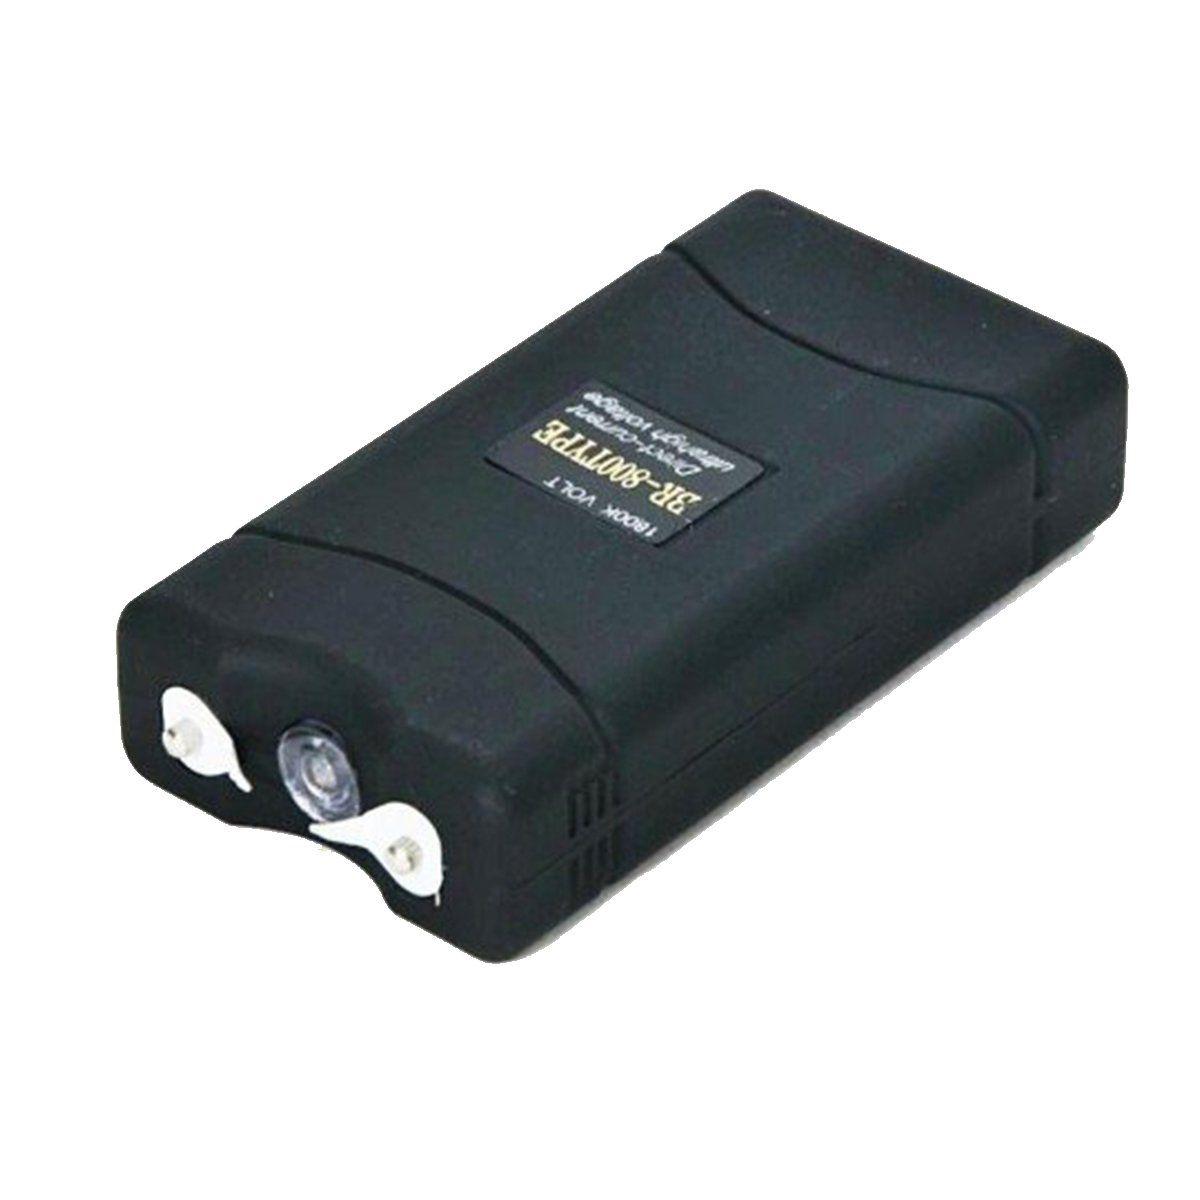 Aparelho de Choque Recarregável Mod. 800 - 25000 V